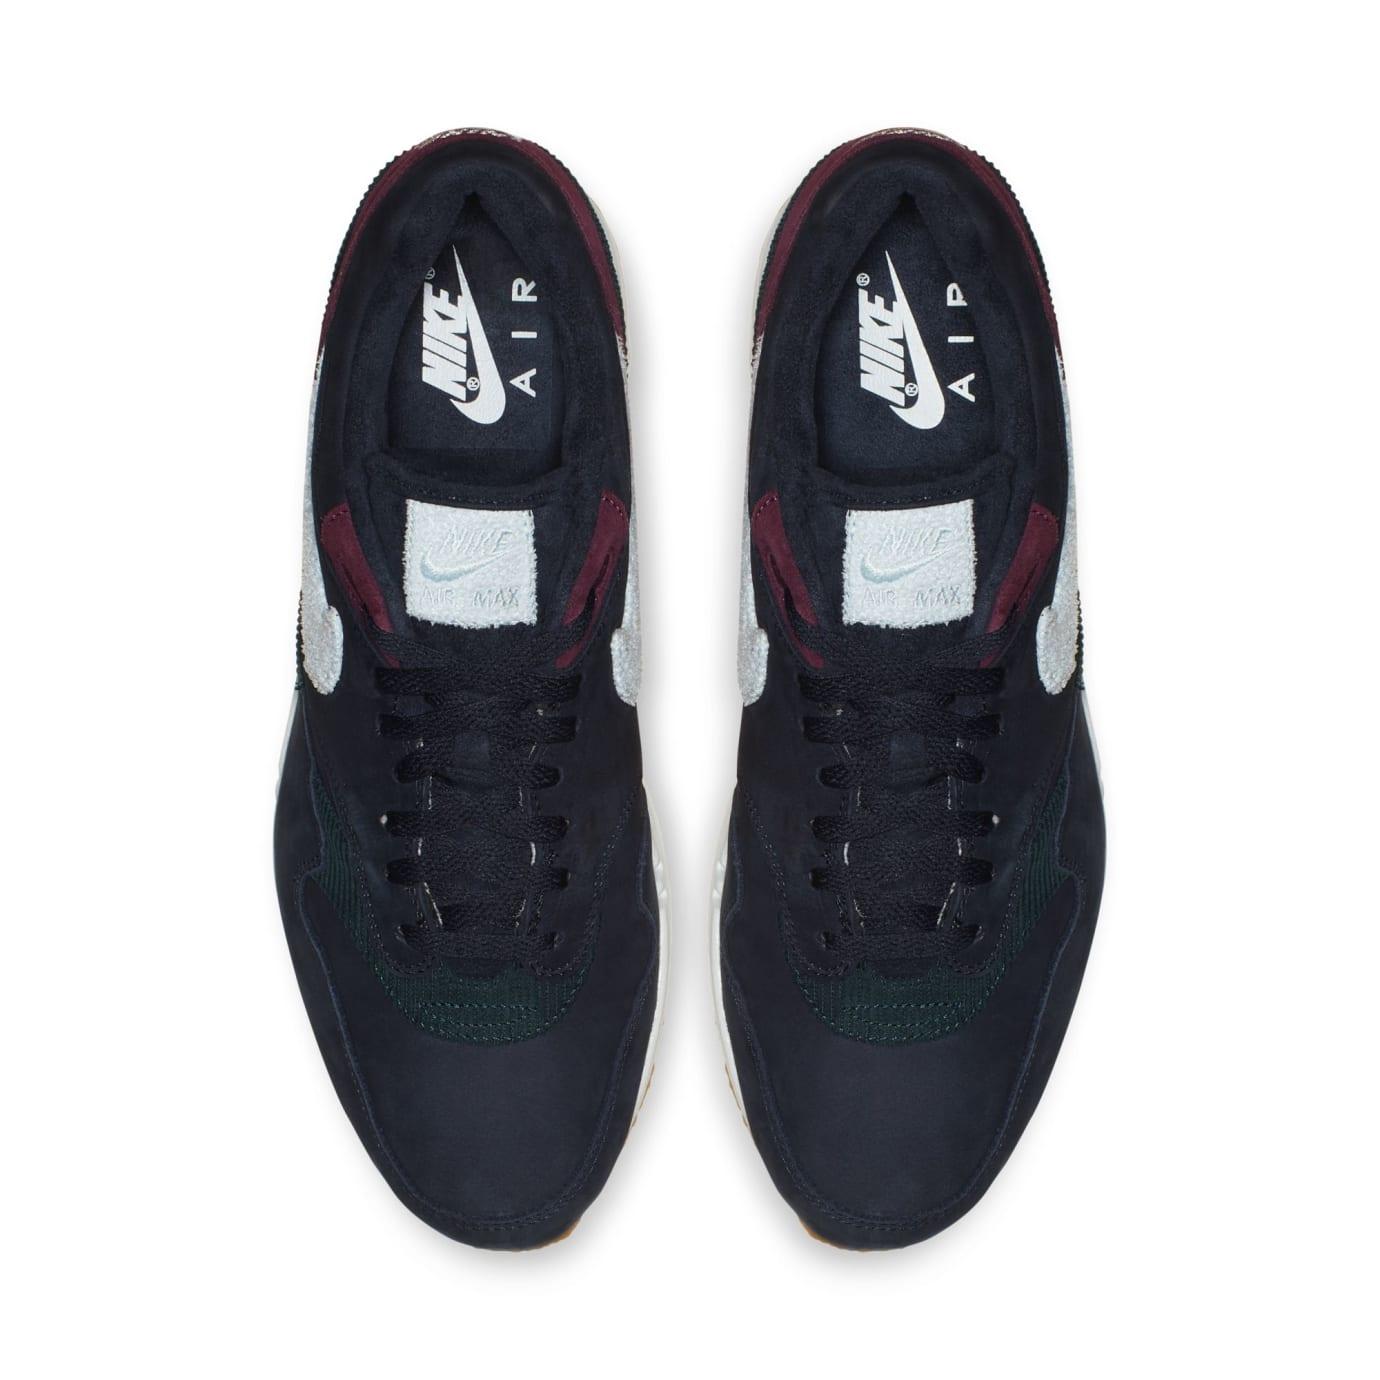 Nike Air Max 1 'Dark Obsidian/Cobalt Tint-Ocean Bliss' (Top)